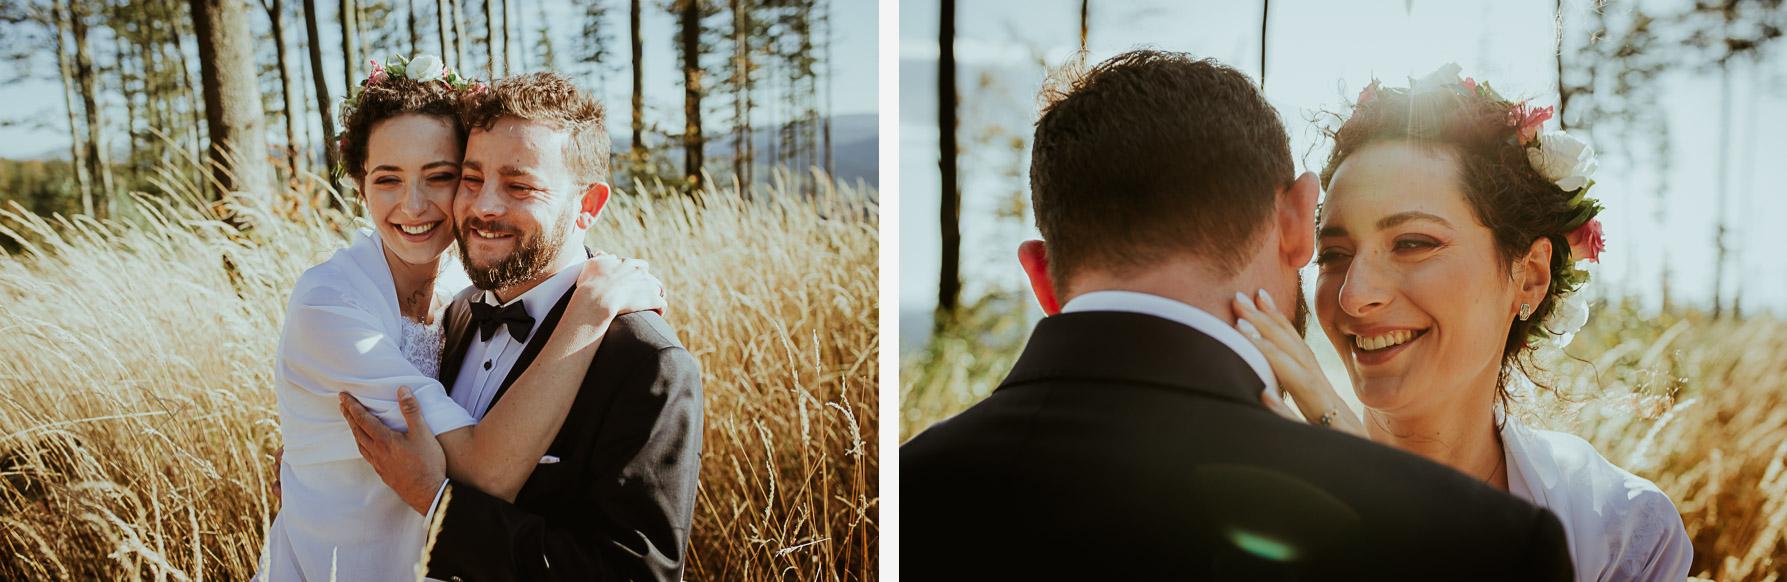 Plener Ślubny w górach jesień 017 a4